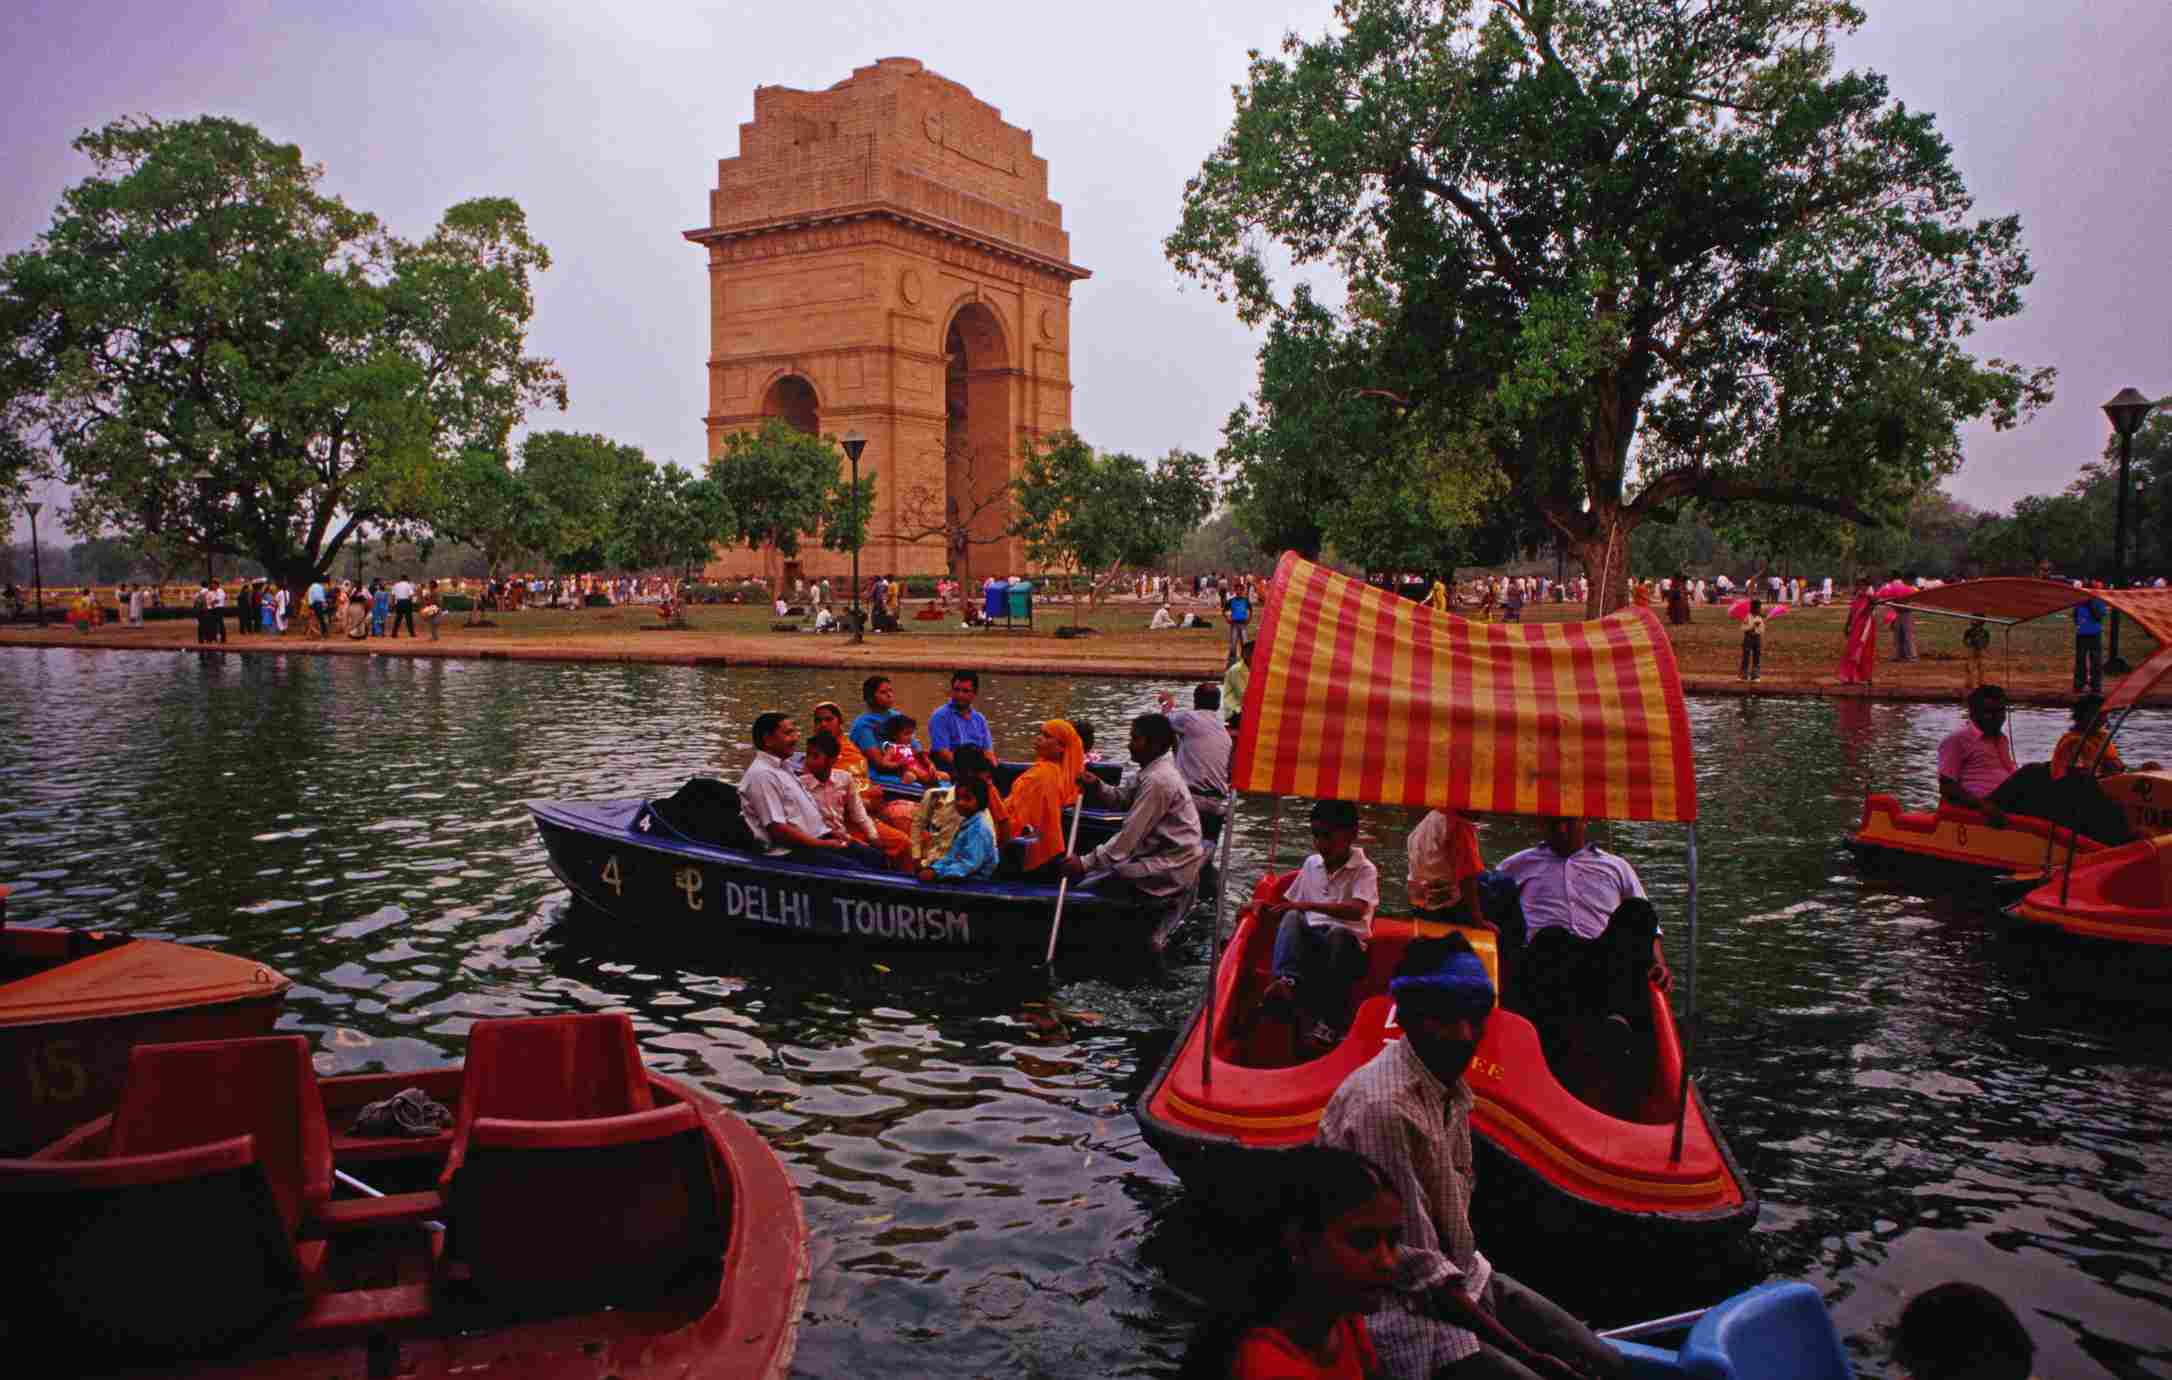 Boating at India Gate, Delhi.